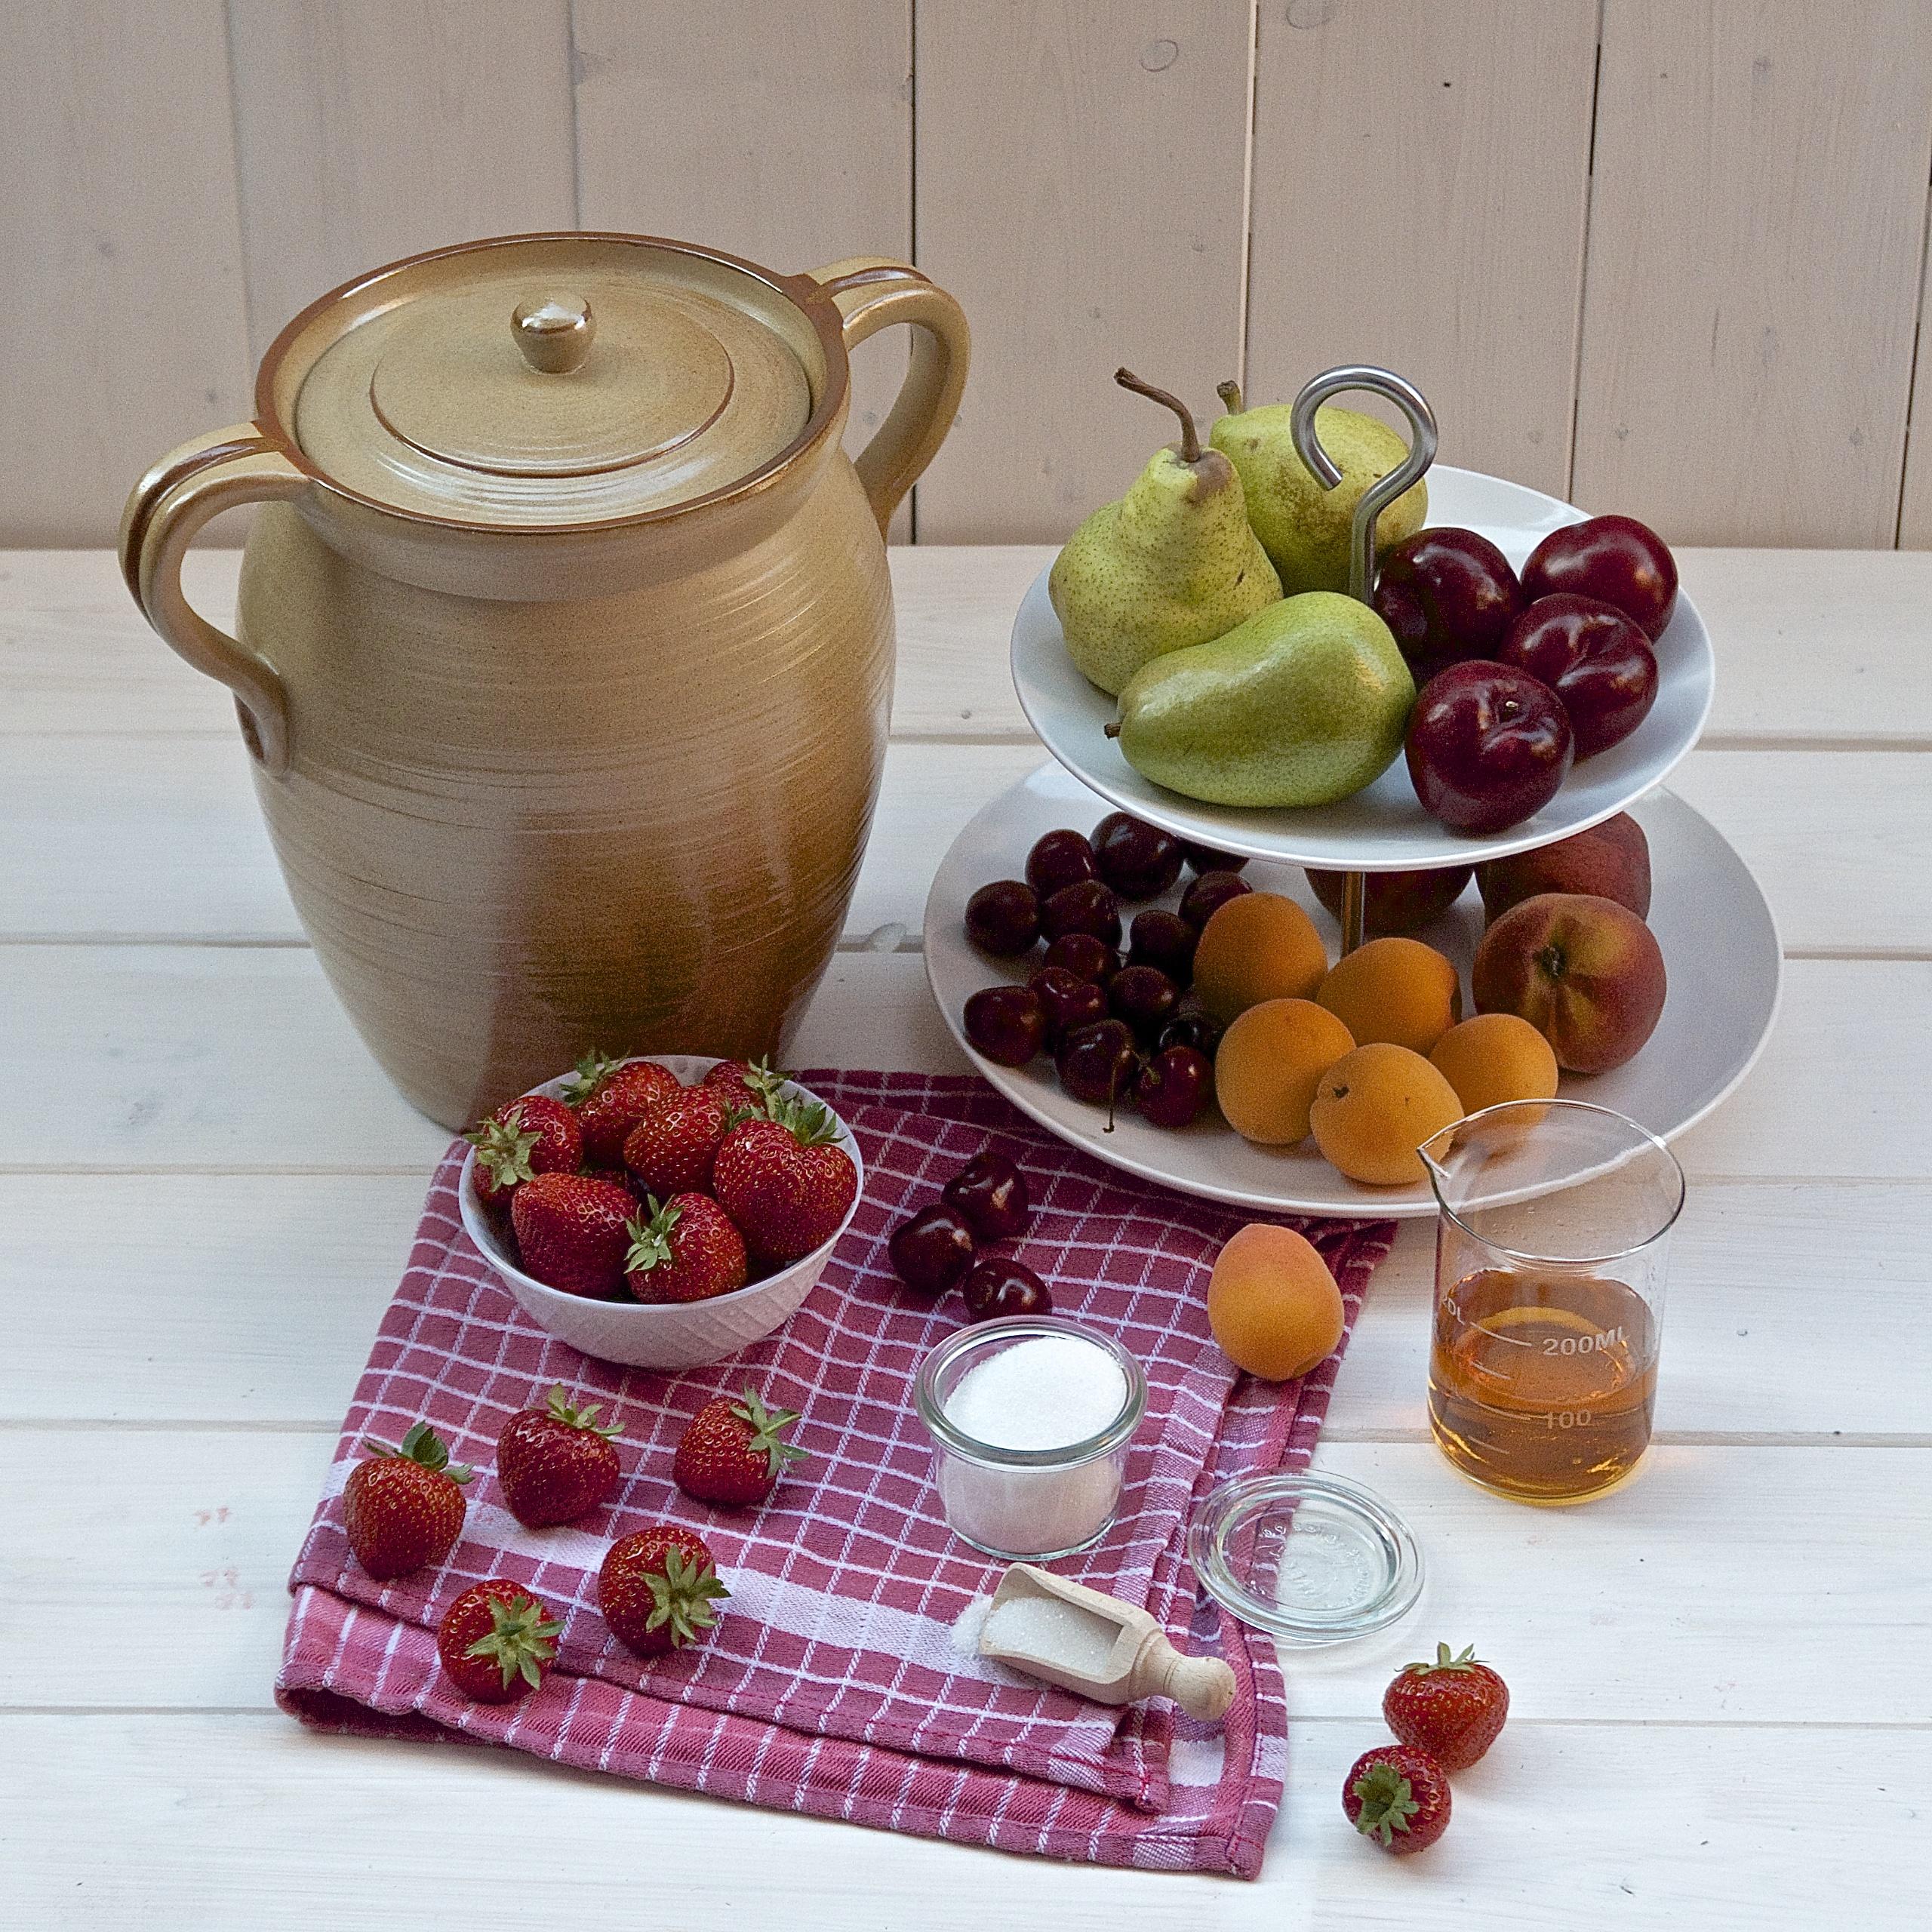 Rumtopf, Früchte, Birnen, Pflaumen, Pfirsiche, Kirschen, Erdbeeren, Zucker, Rum